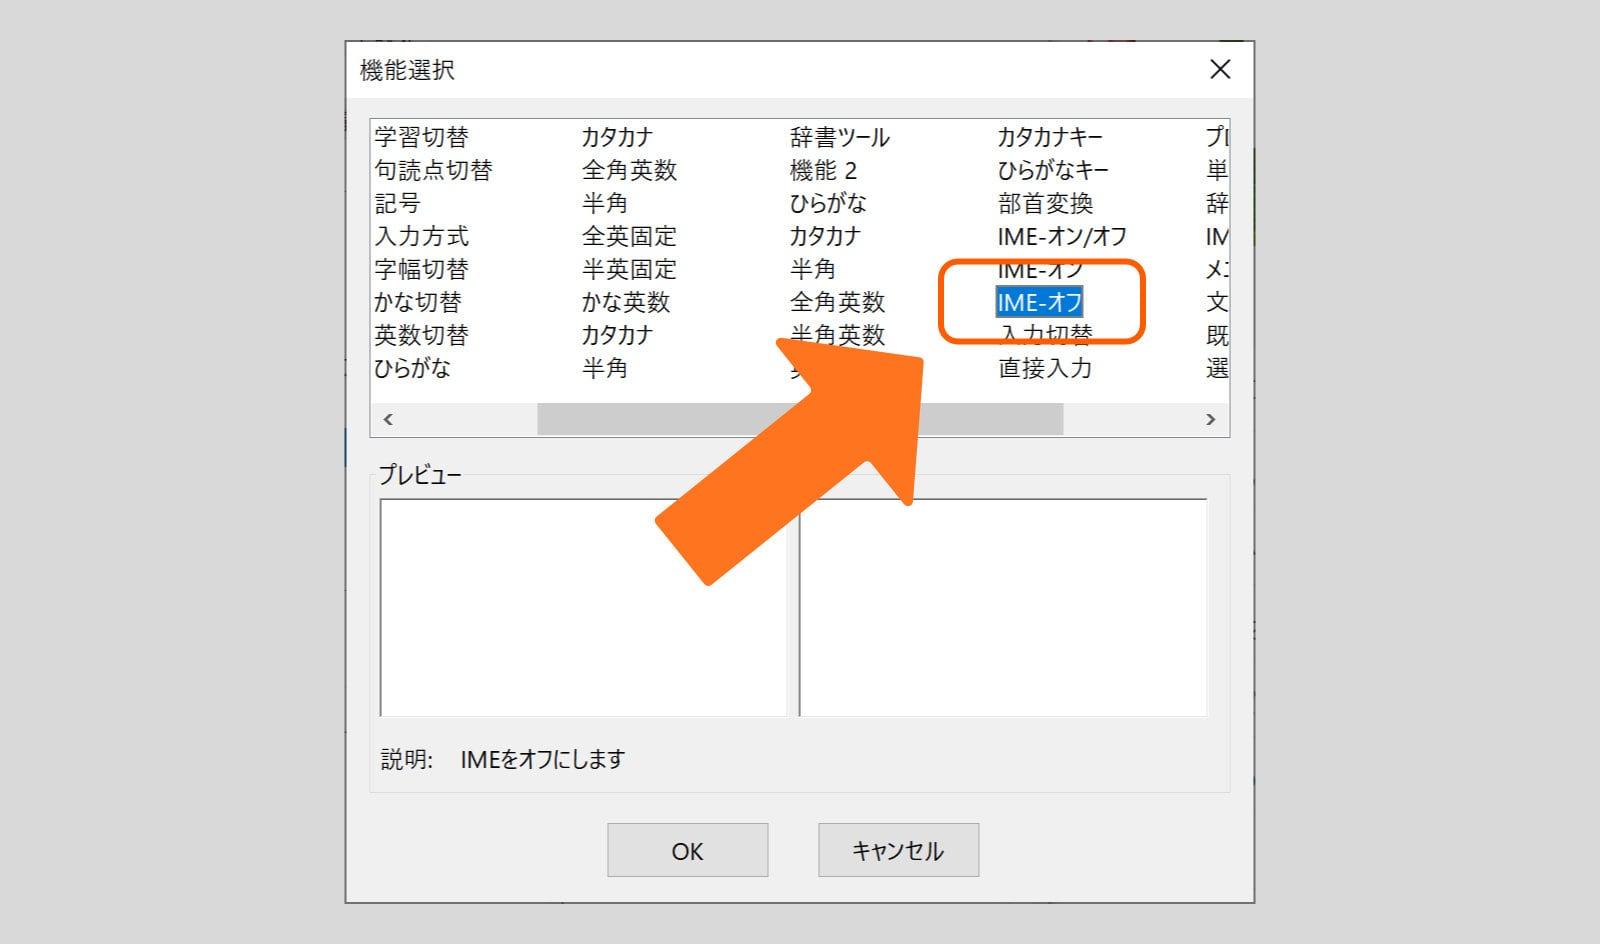 機能選択画面のキャプチャ画像。IME-オフが選択されてハイライトされている状態